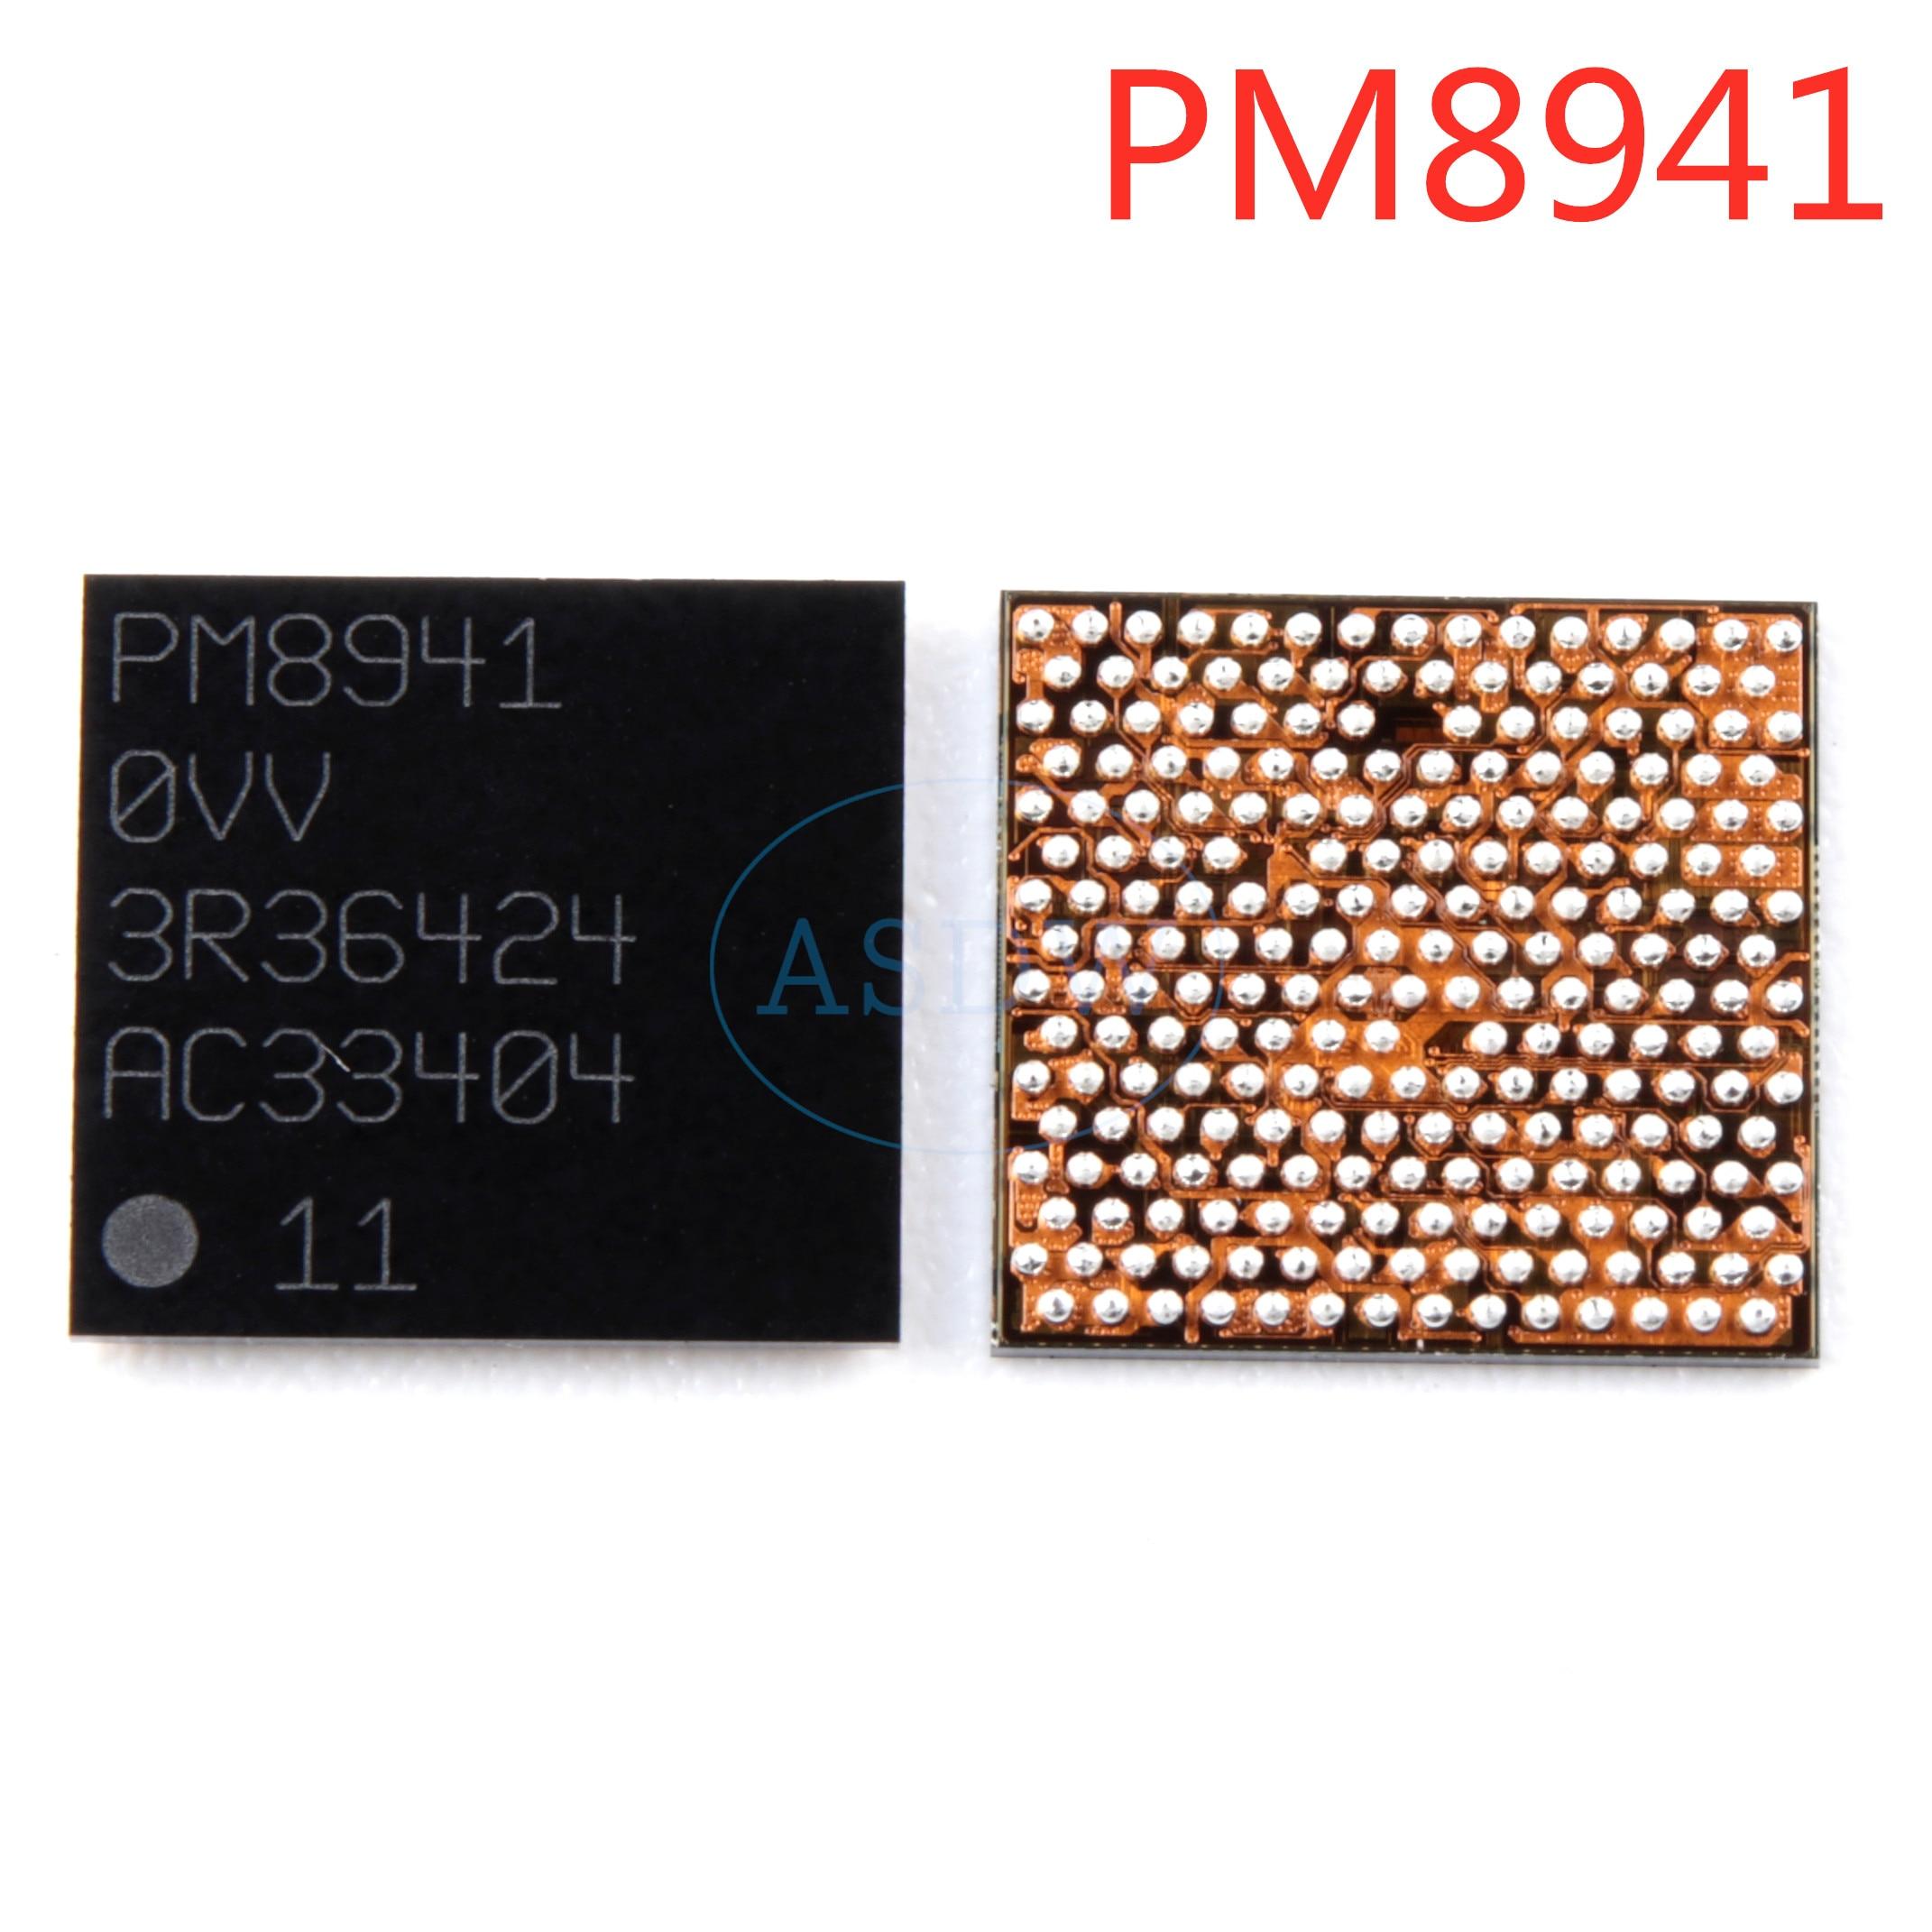 PM89410VV PM8941 para Samsung Note 3 N9005 fuente de alimentación grande IC para LG G3 gestión de energía principal IC PM chip